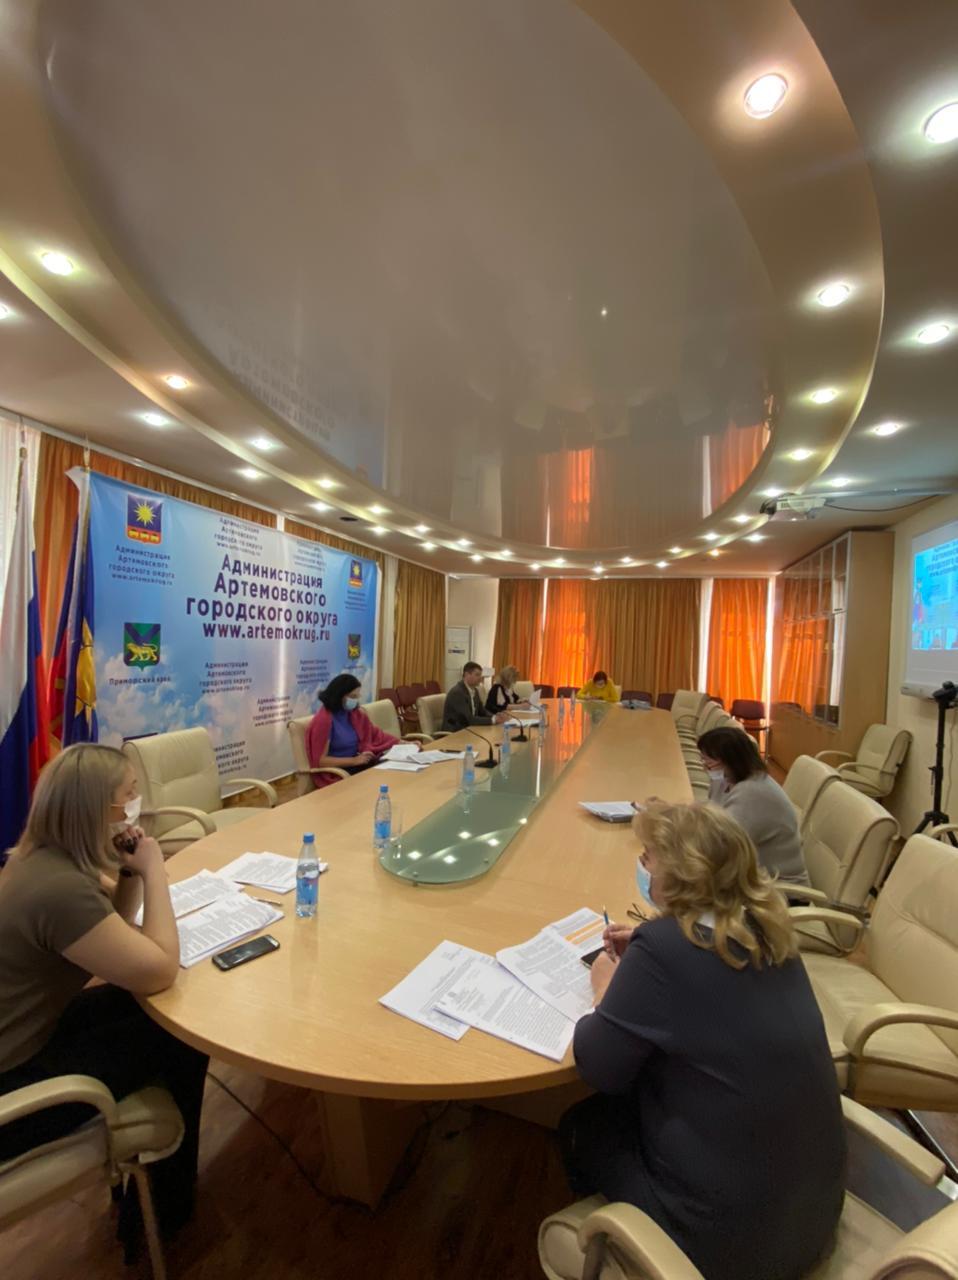 Состоялось заседание постоянной комиссии Думы АГО по вопросам законности и защиты прав граждан.